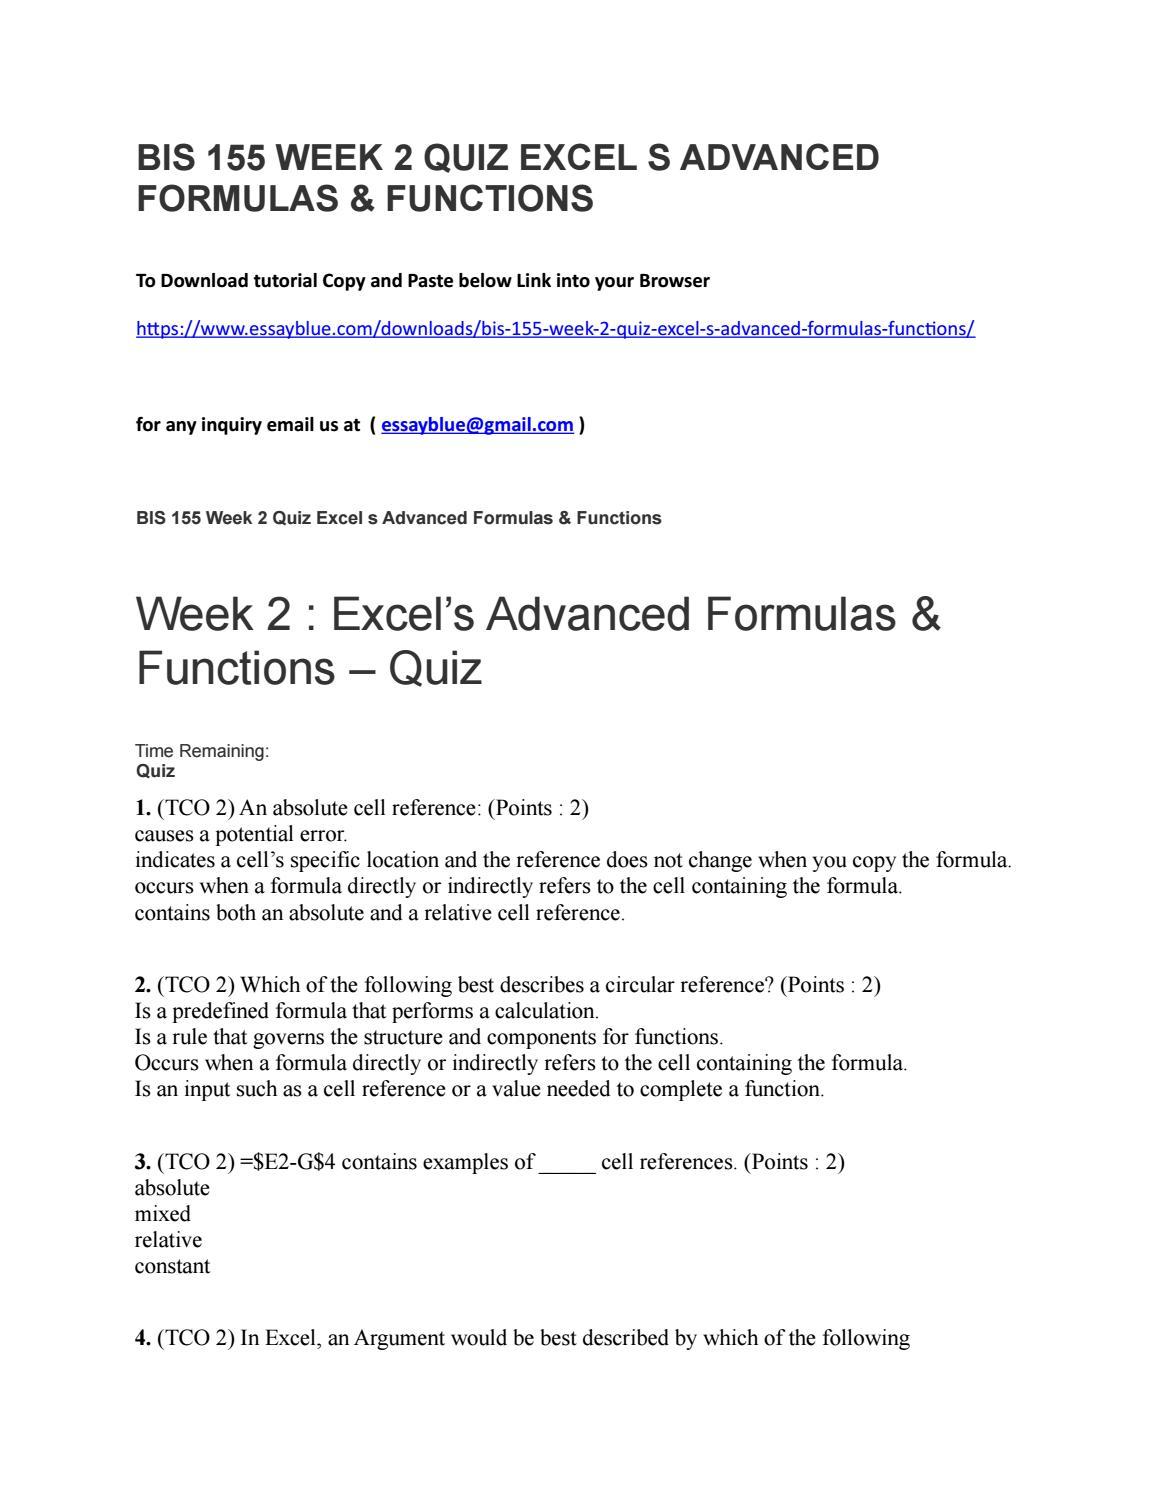 Bis 200 week 20 quiz excel s advanced formulas & functions by ...